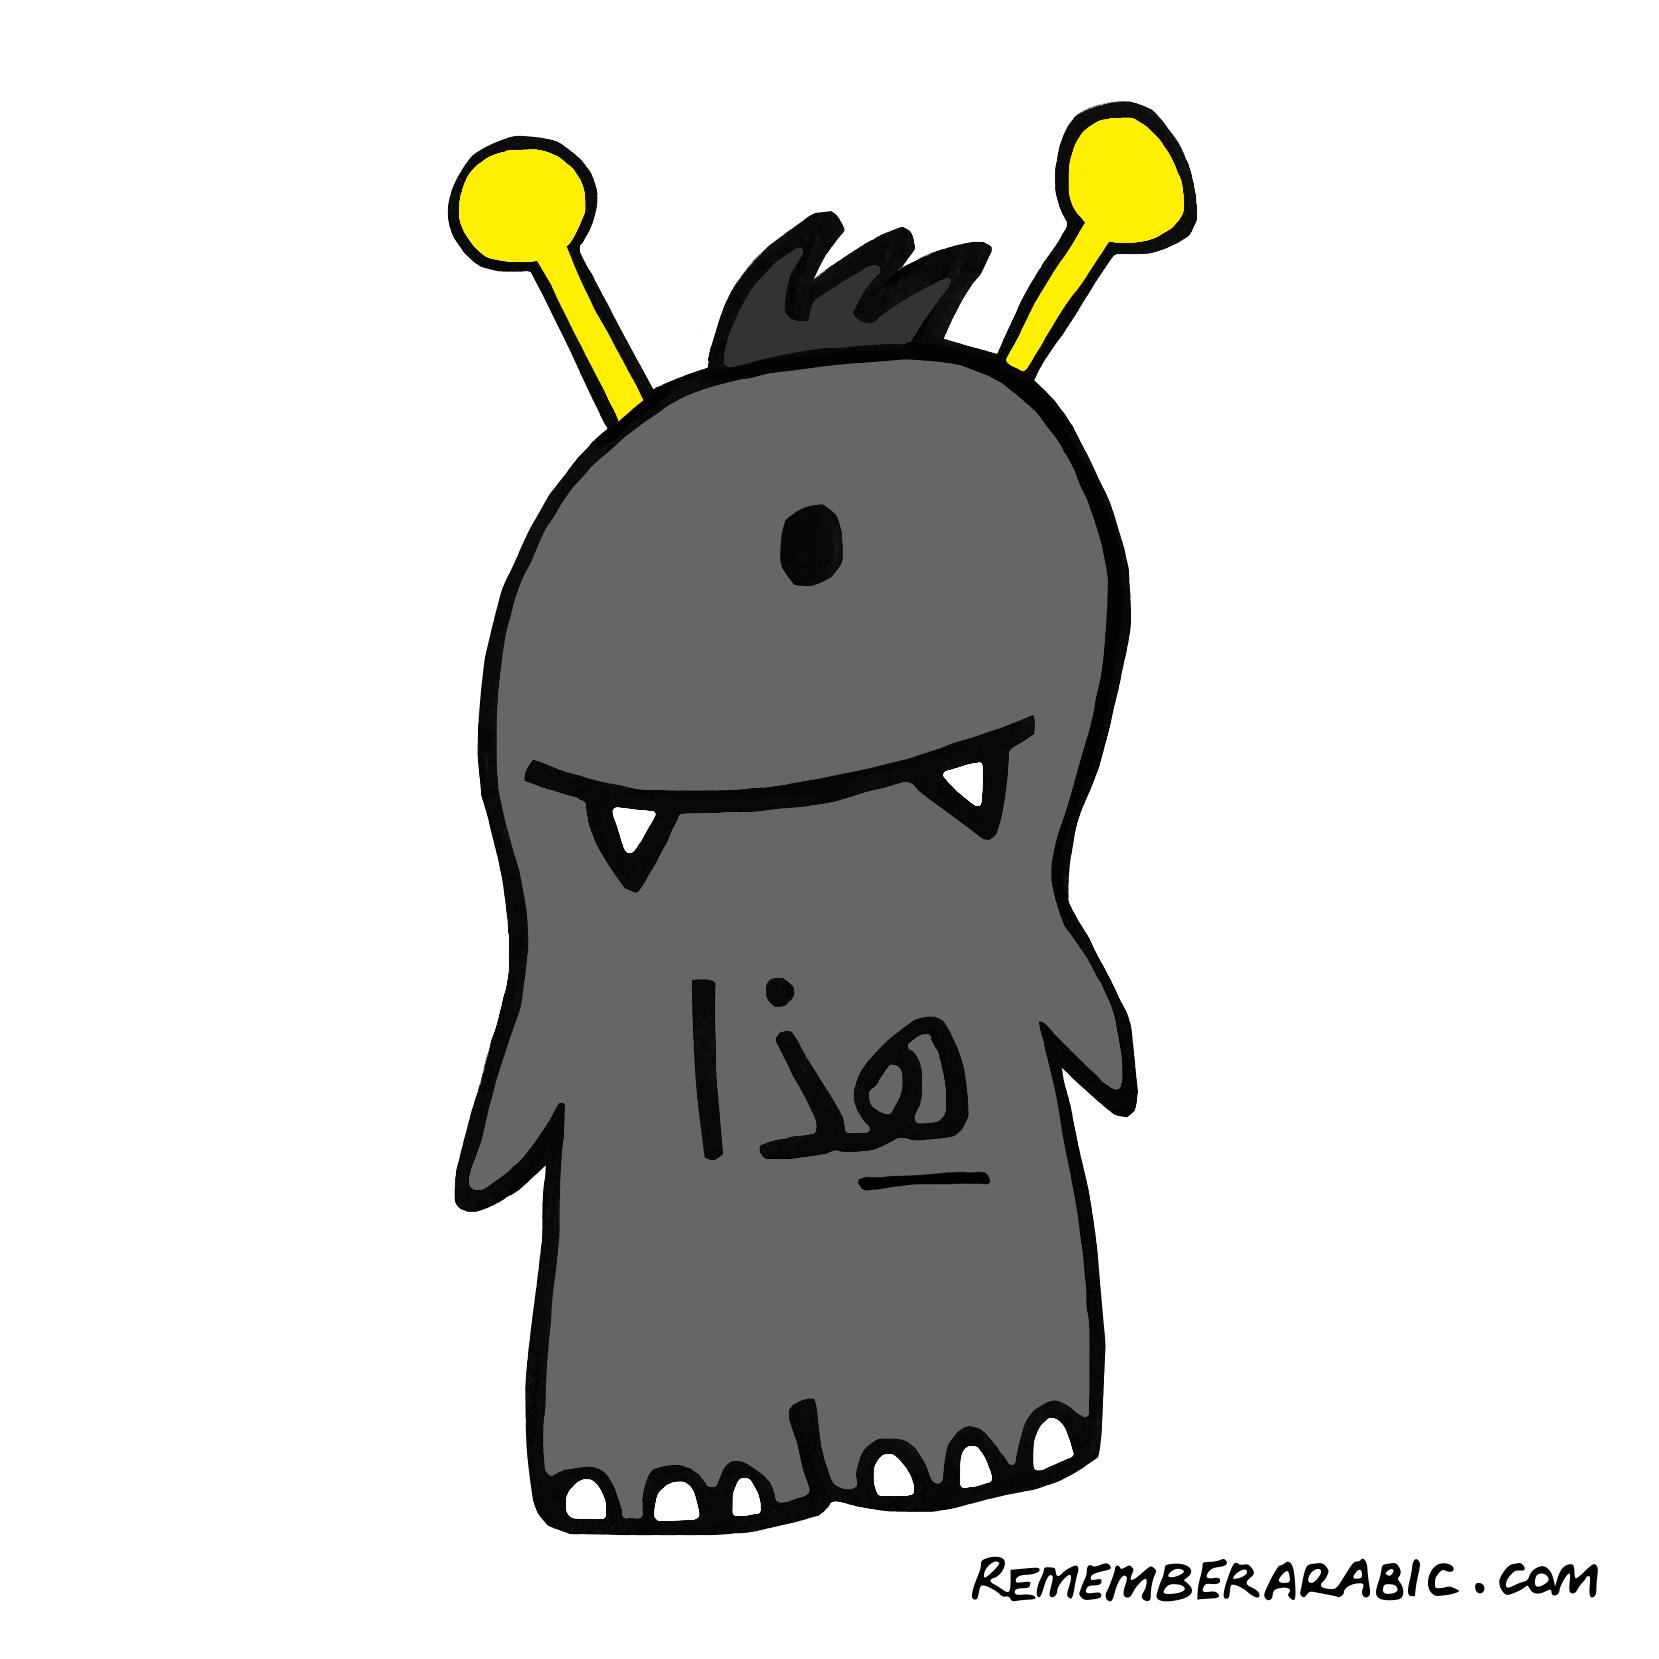 Fig. 4 Haa-tha [singular, near, masculine]